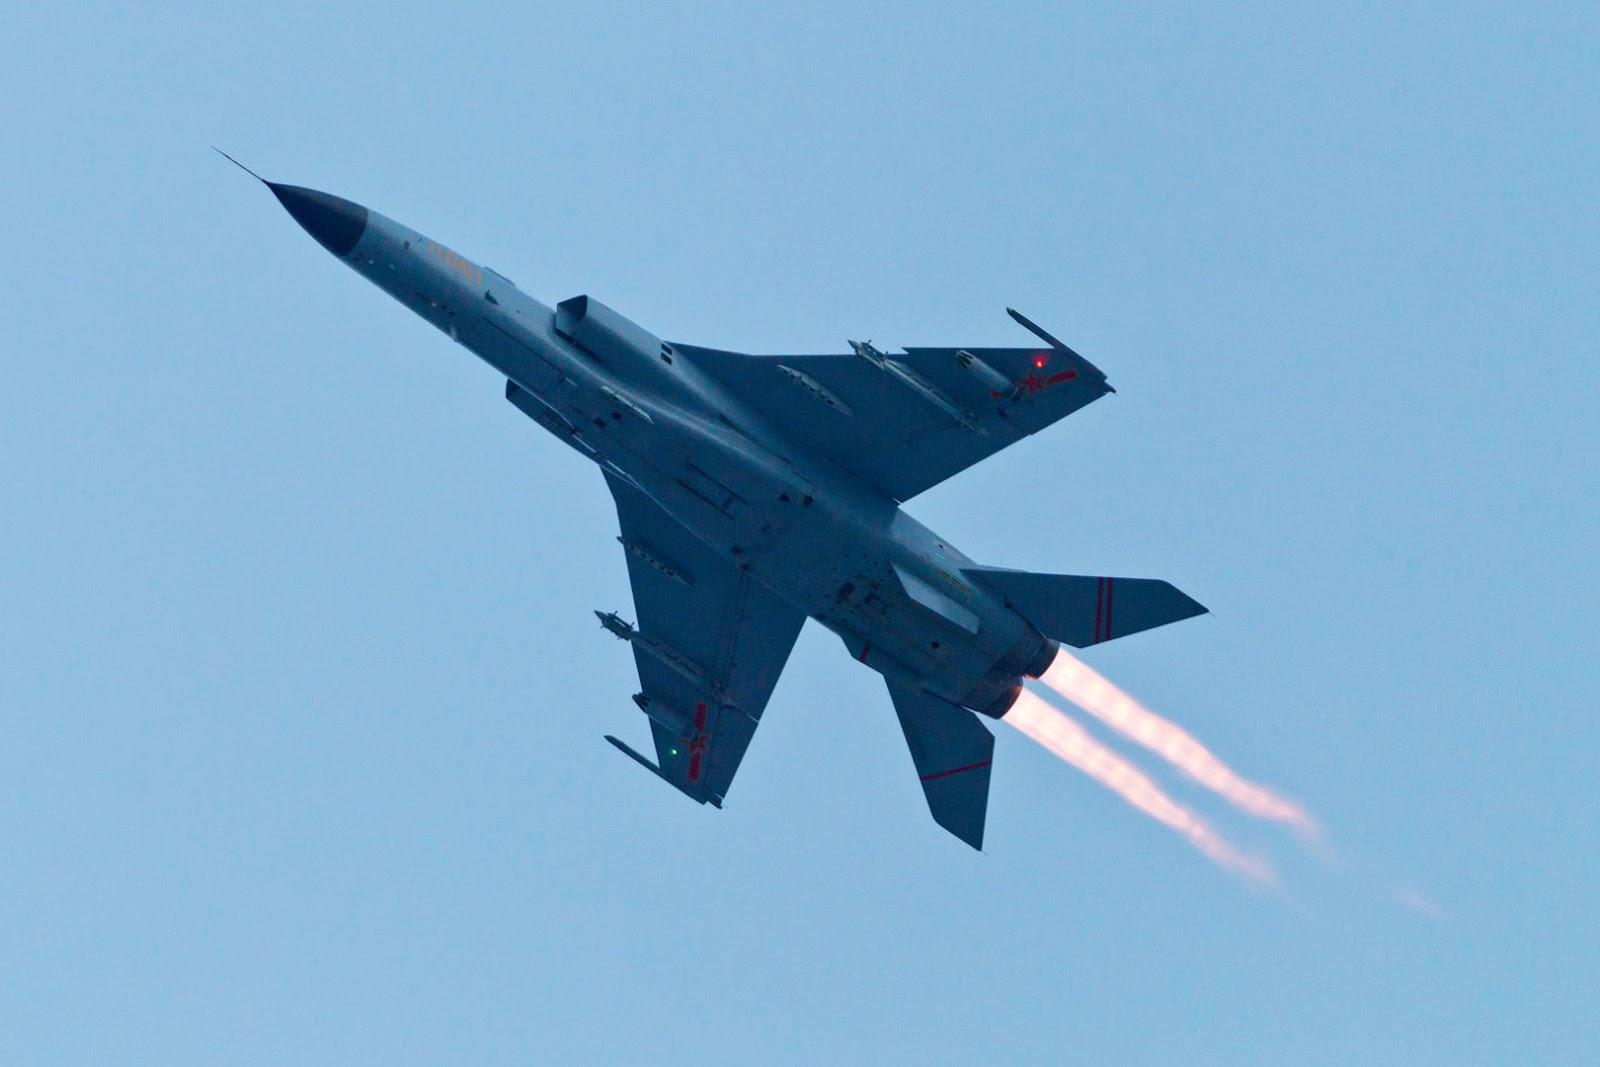 Giới quân sự Trung Quốc tán tụng tiêm kích JH-7 là niềm kiêu hãnh của máy bay chiến đấu quốc nội